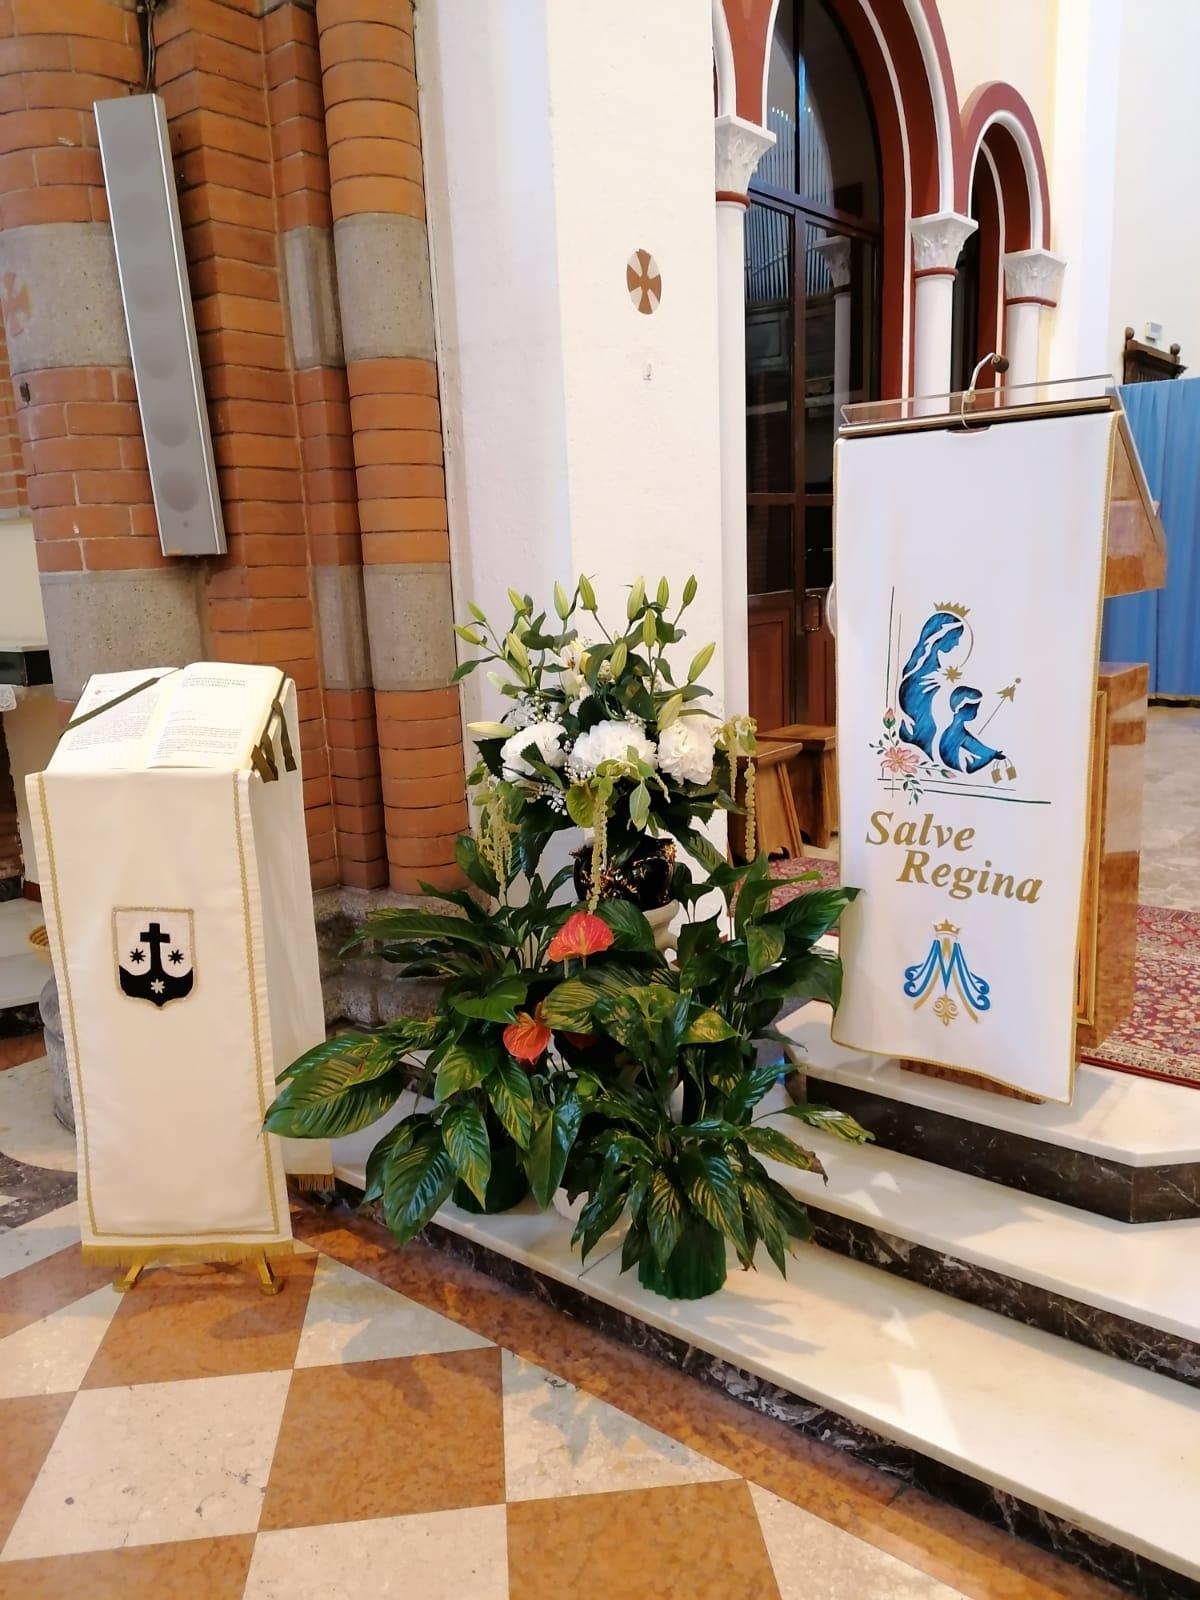 l'angolo della parola dell'altare